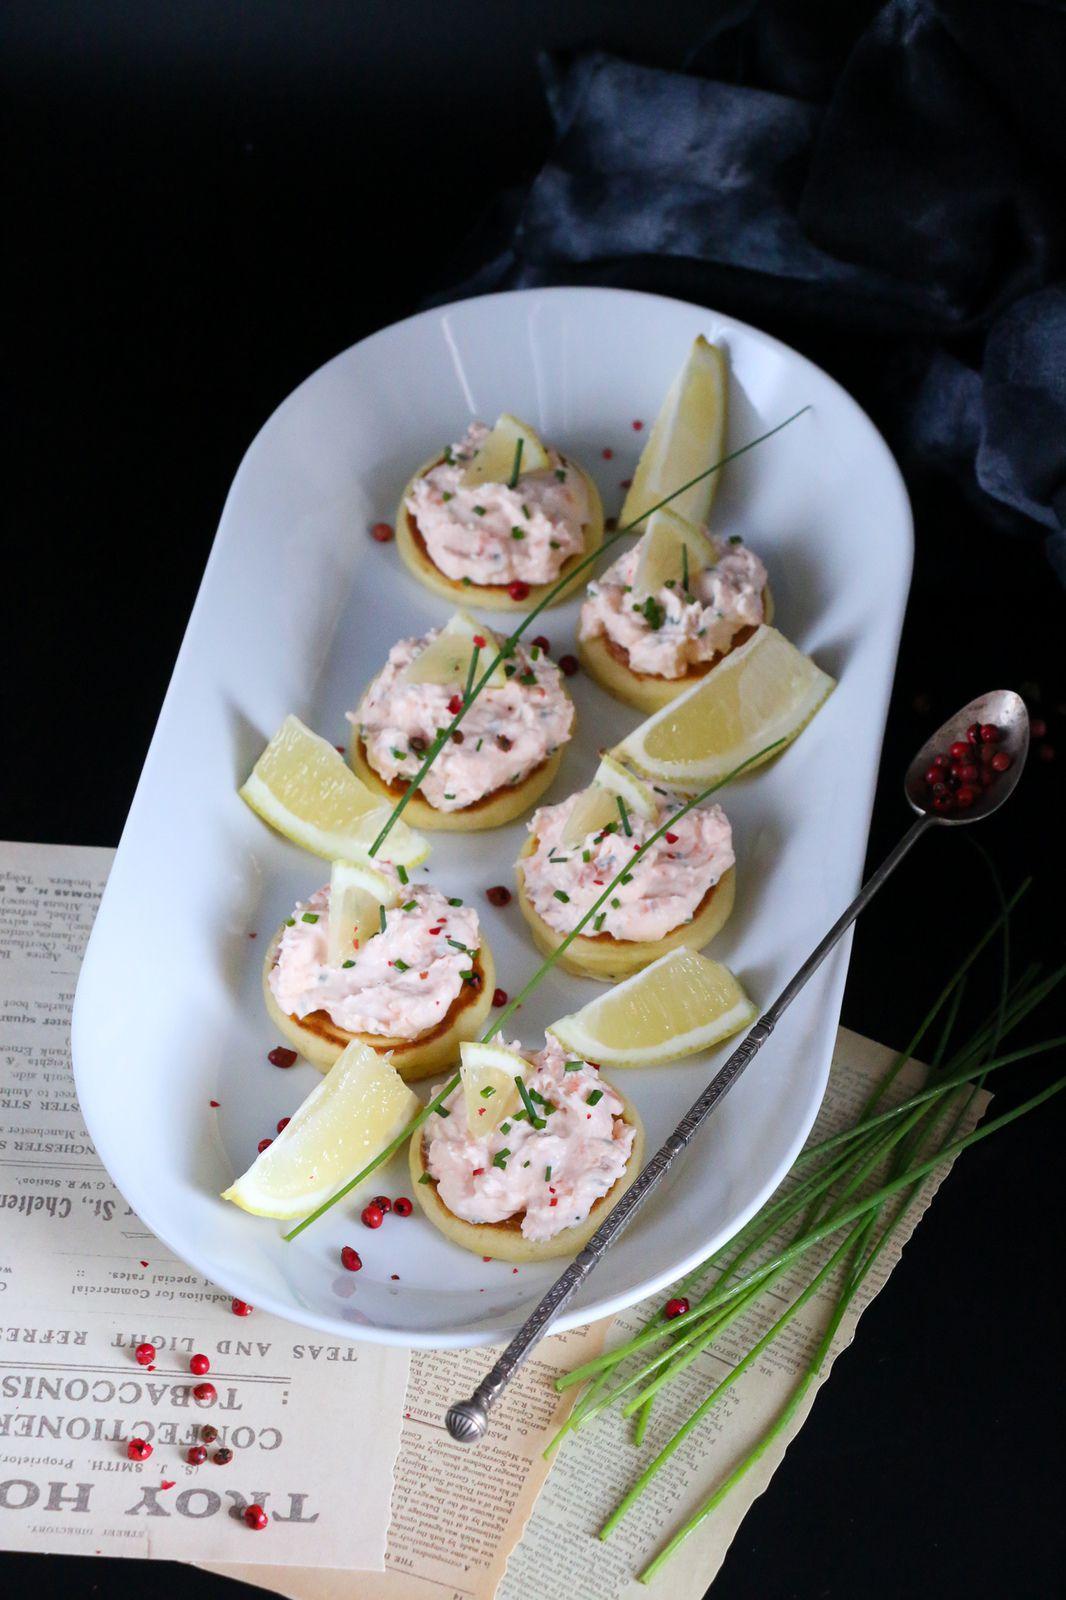 Mousse de saumon fumé à la ciboulette & blinis maison